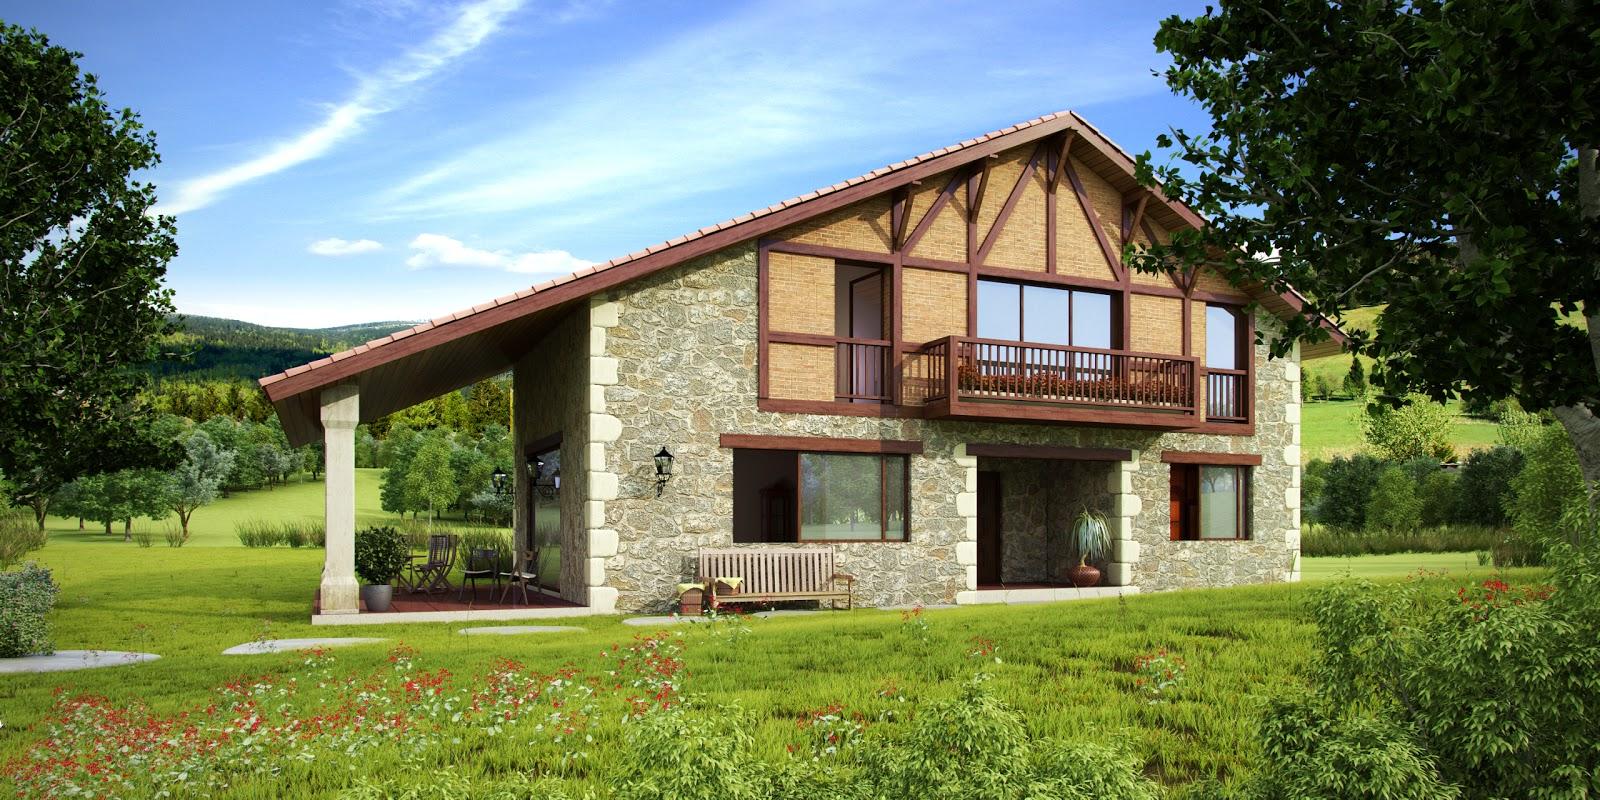 Casas rusticas - Casas de piedra y madera ...